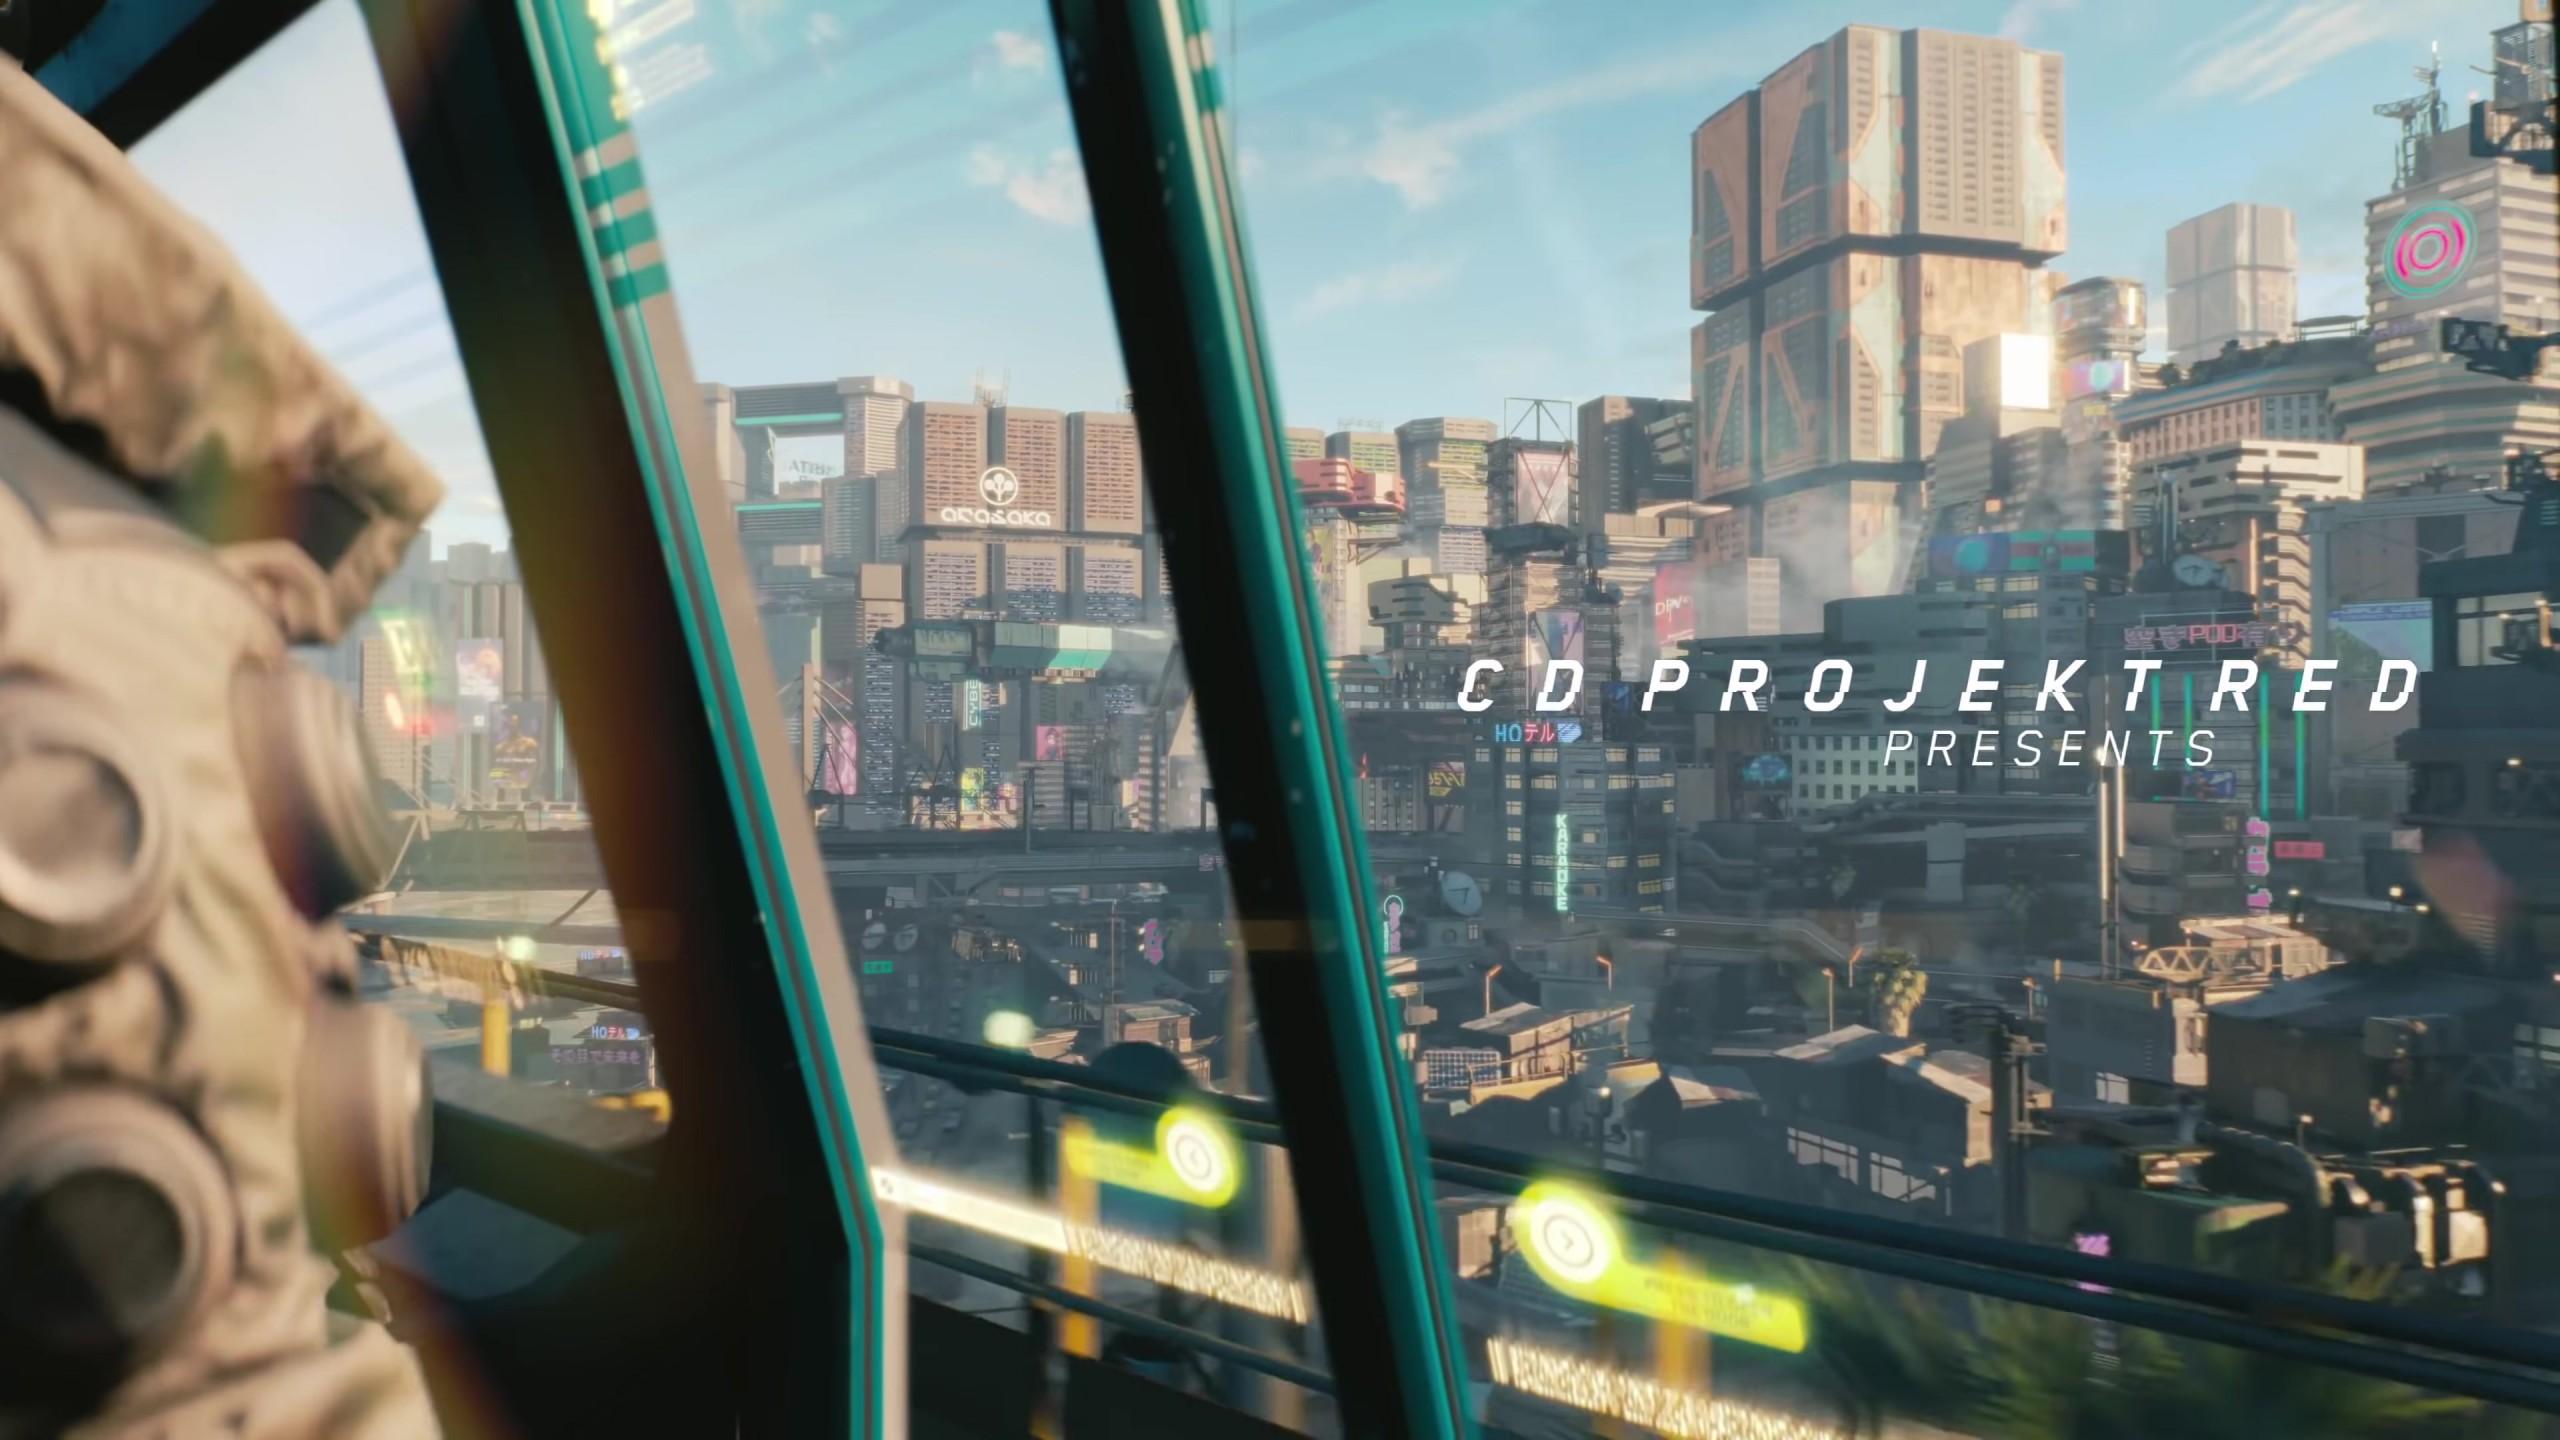 Wallpaper Cyberpunk 2077 E3 2018 Screenshot 4k Games